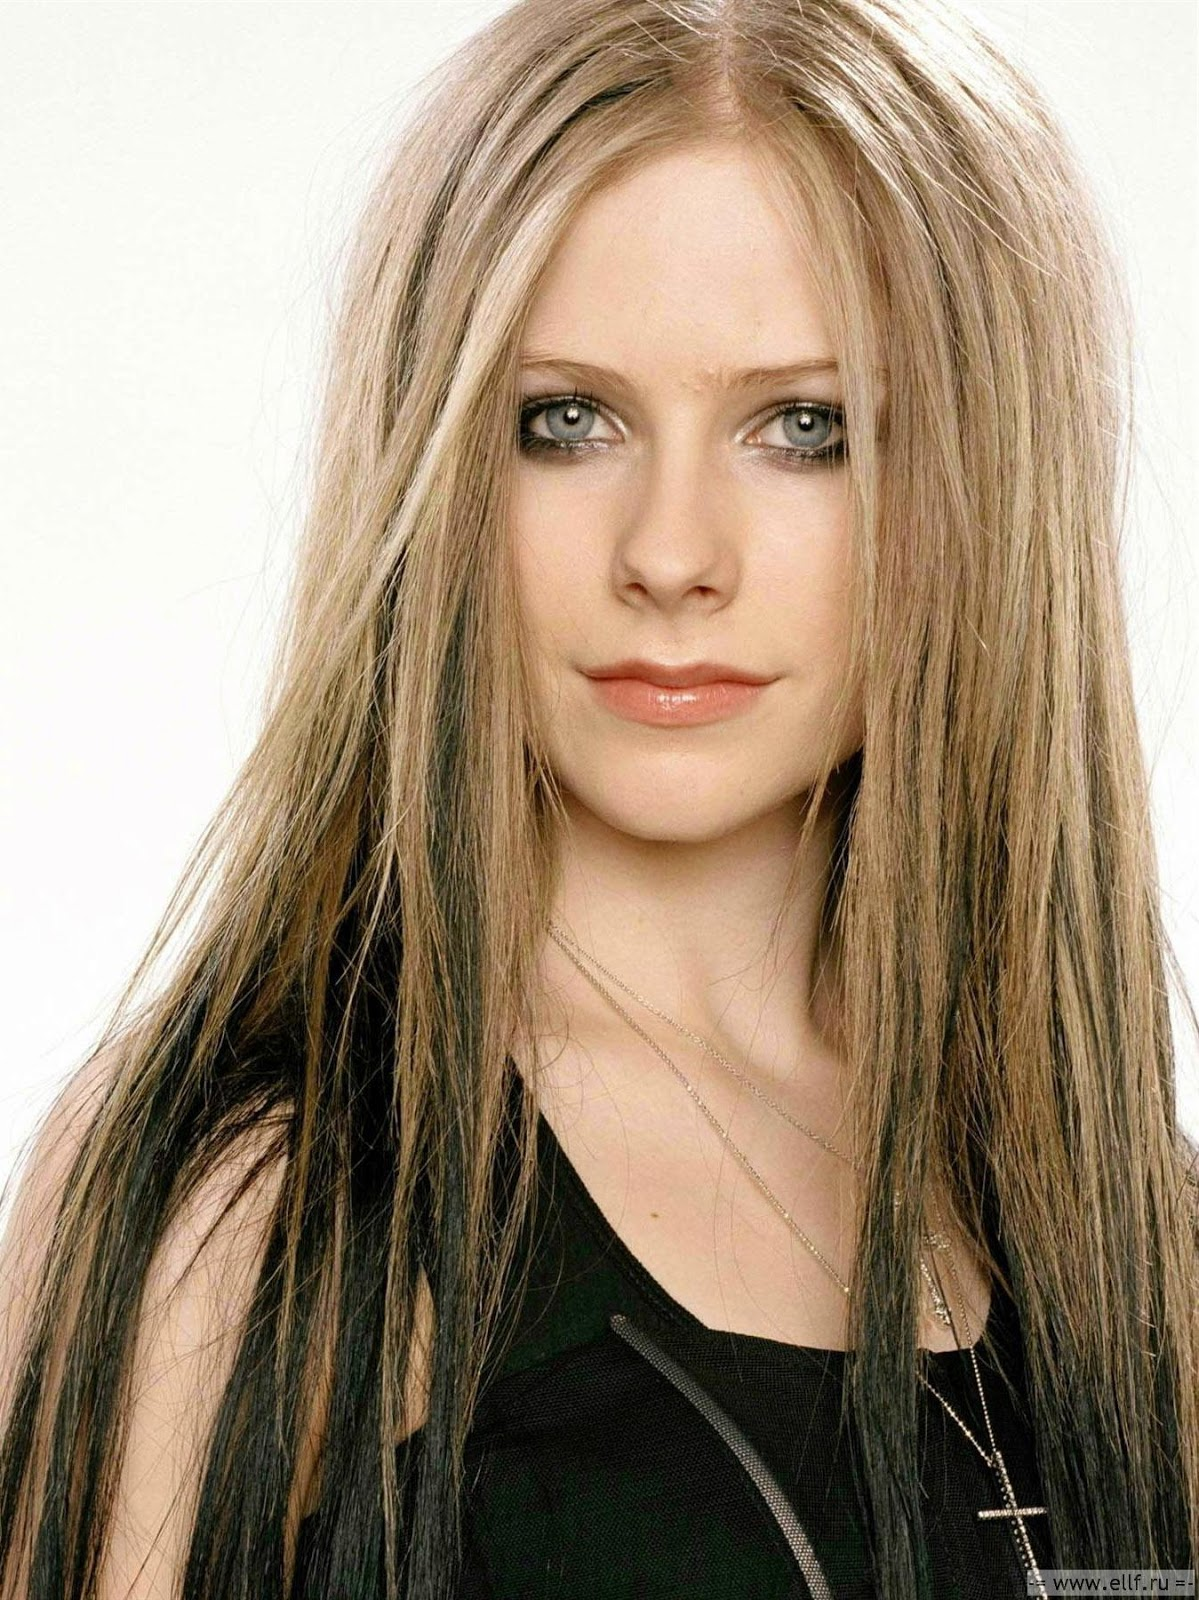 Avril Lavigne: Avril Lavigne hairstyles Avril Lavigne